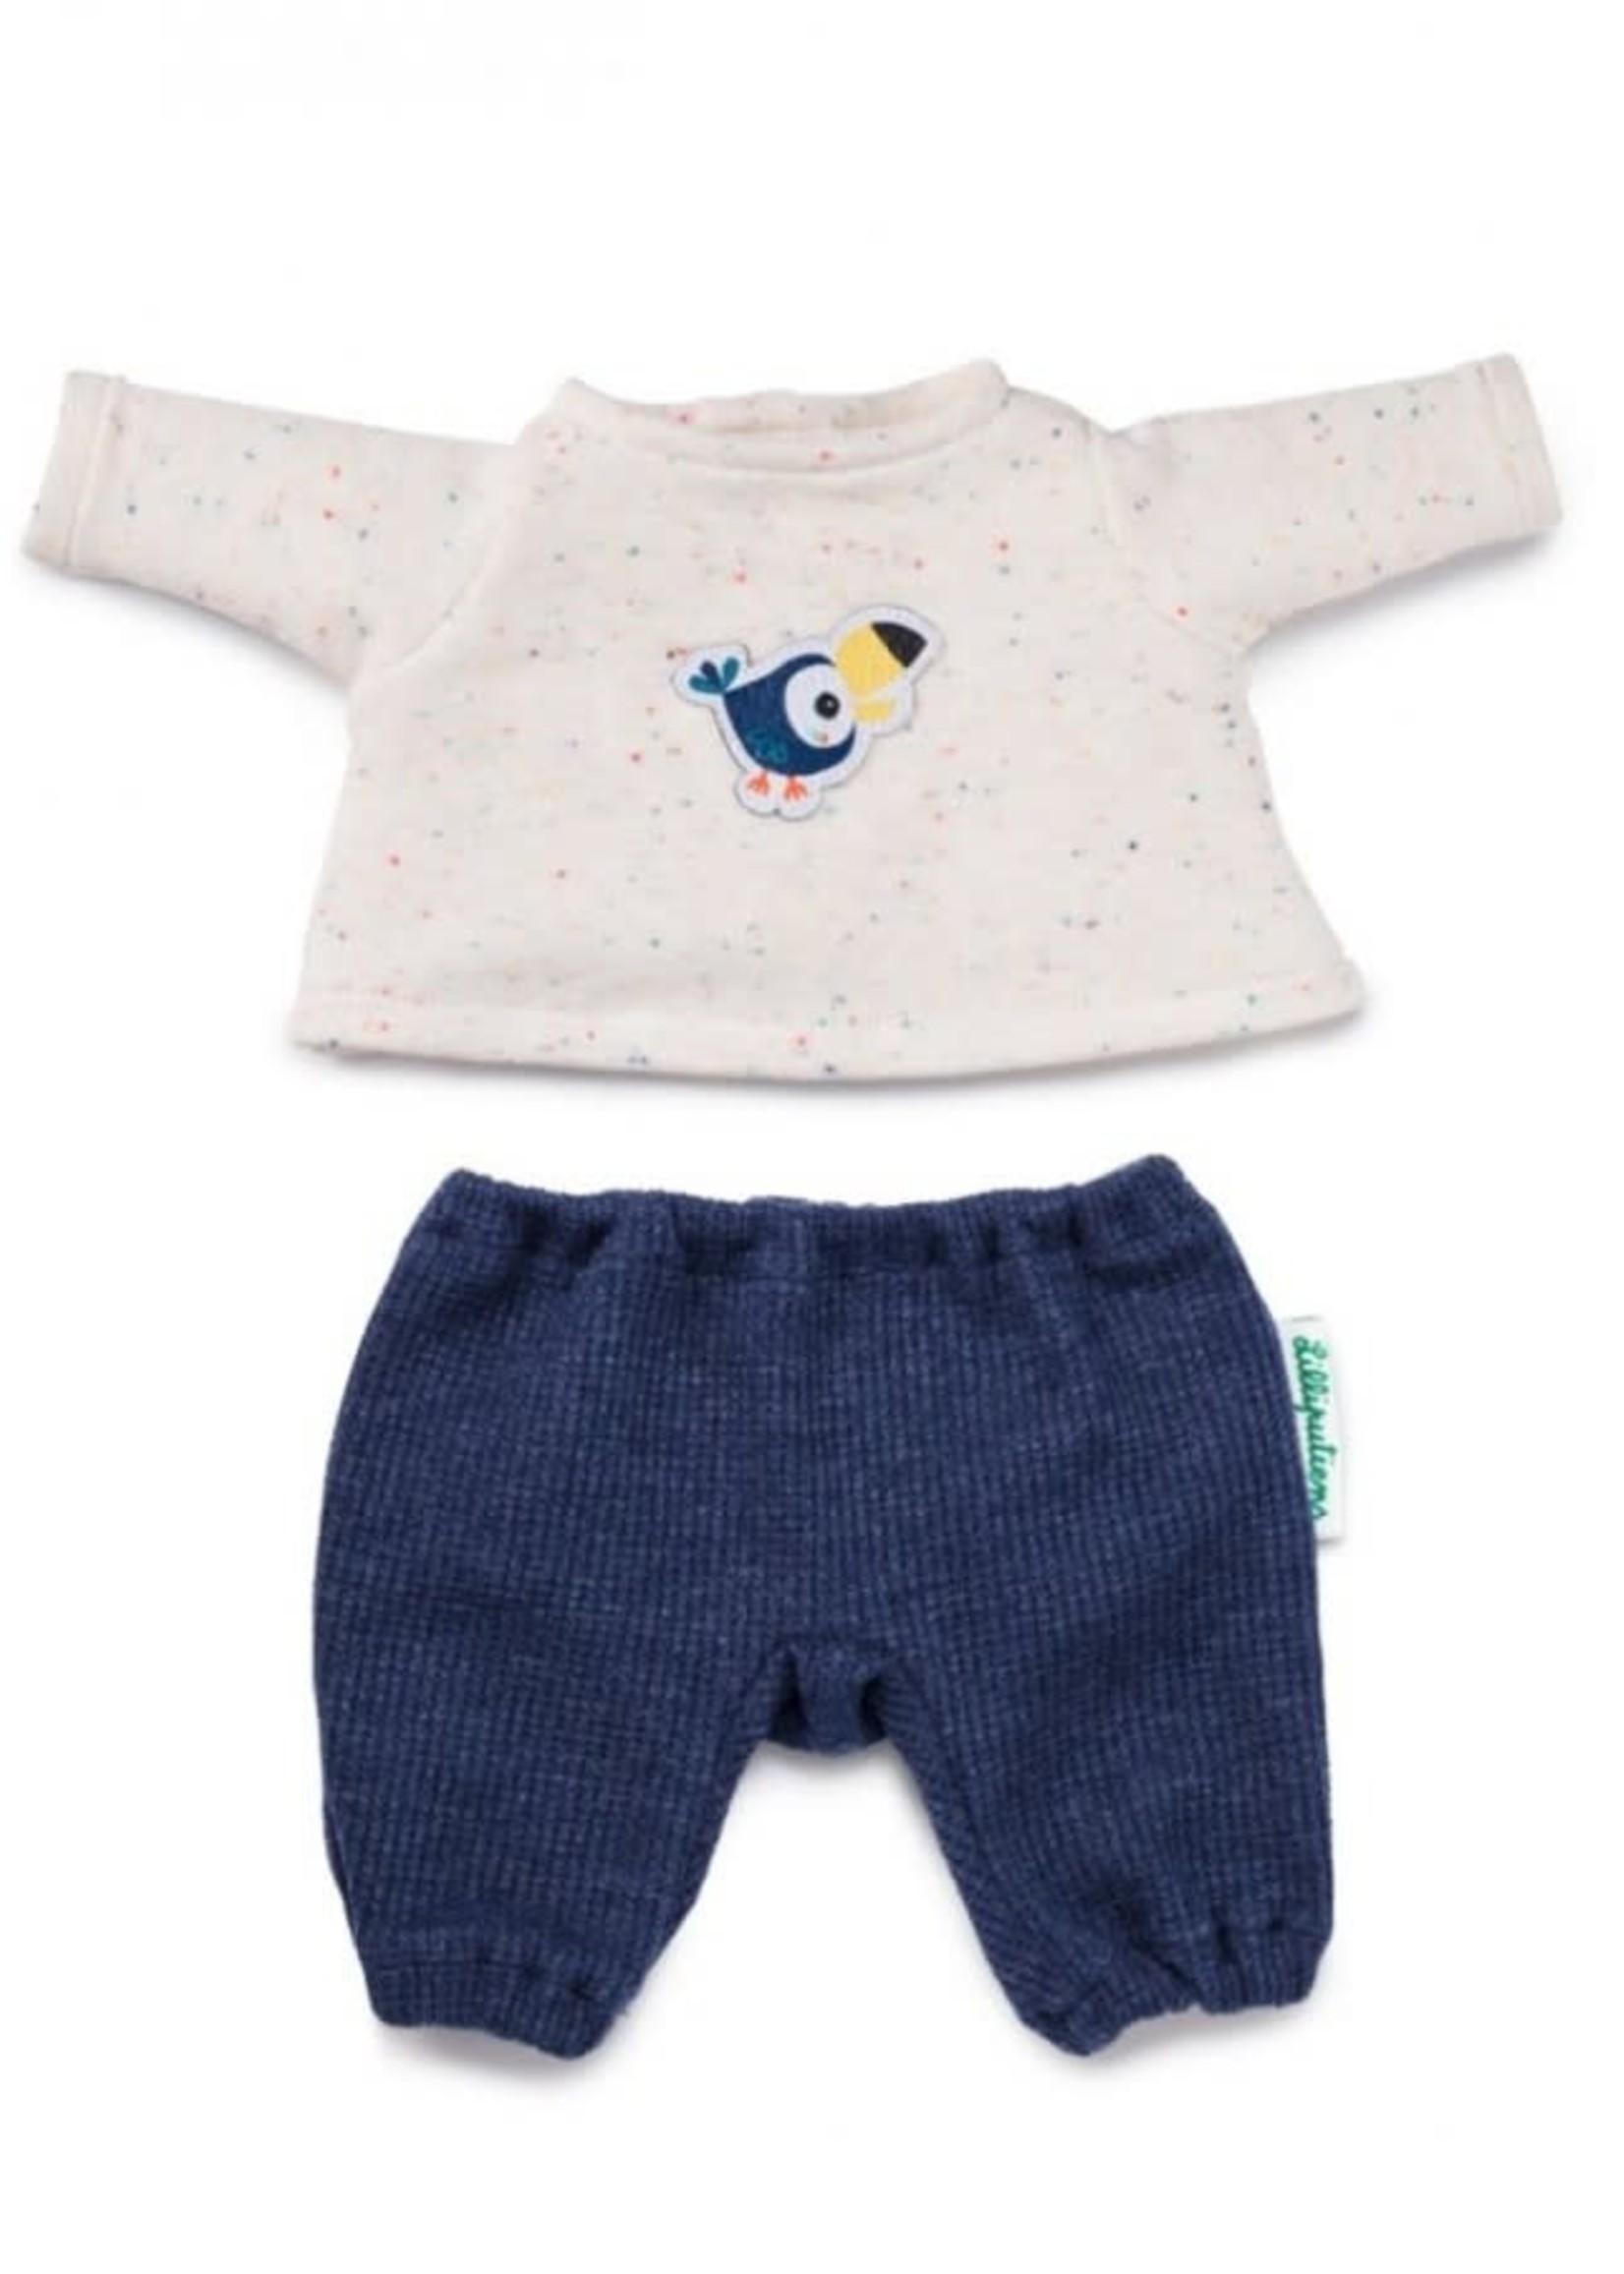 Lilliputie Lilliputiens Doll Pajamas (Pablo)